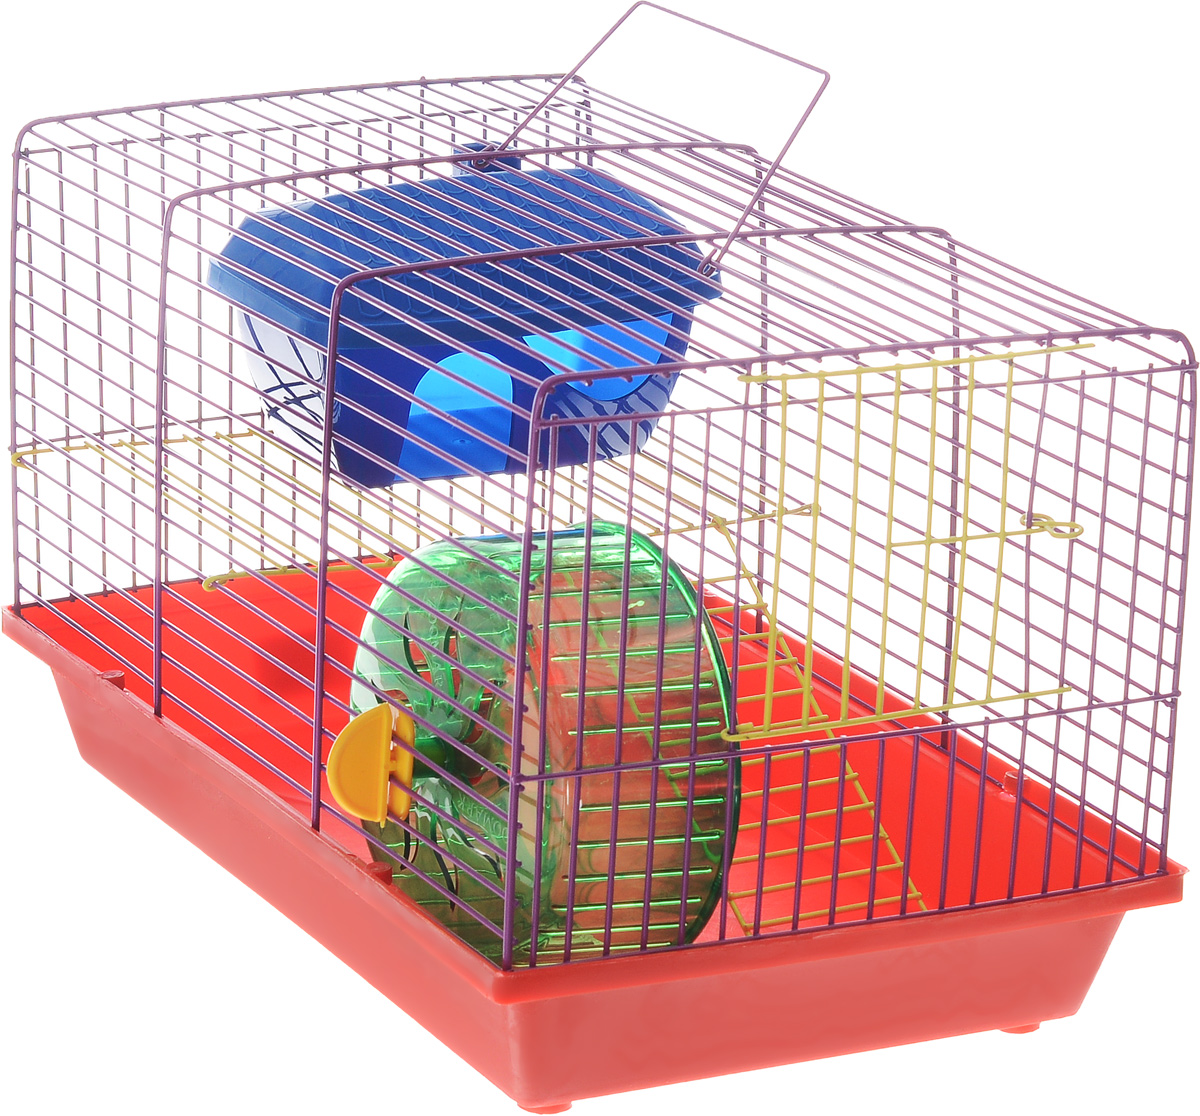 Клетка для грызунов  ЗооМарк , 2-этажная, цвет: красный поддон, фиолетовая решетка, желтые этажи, 36 х 22 х 24 см. 125ж